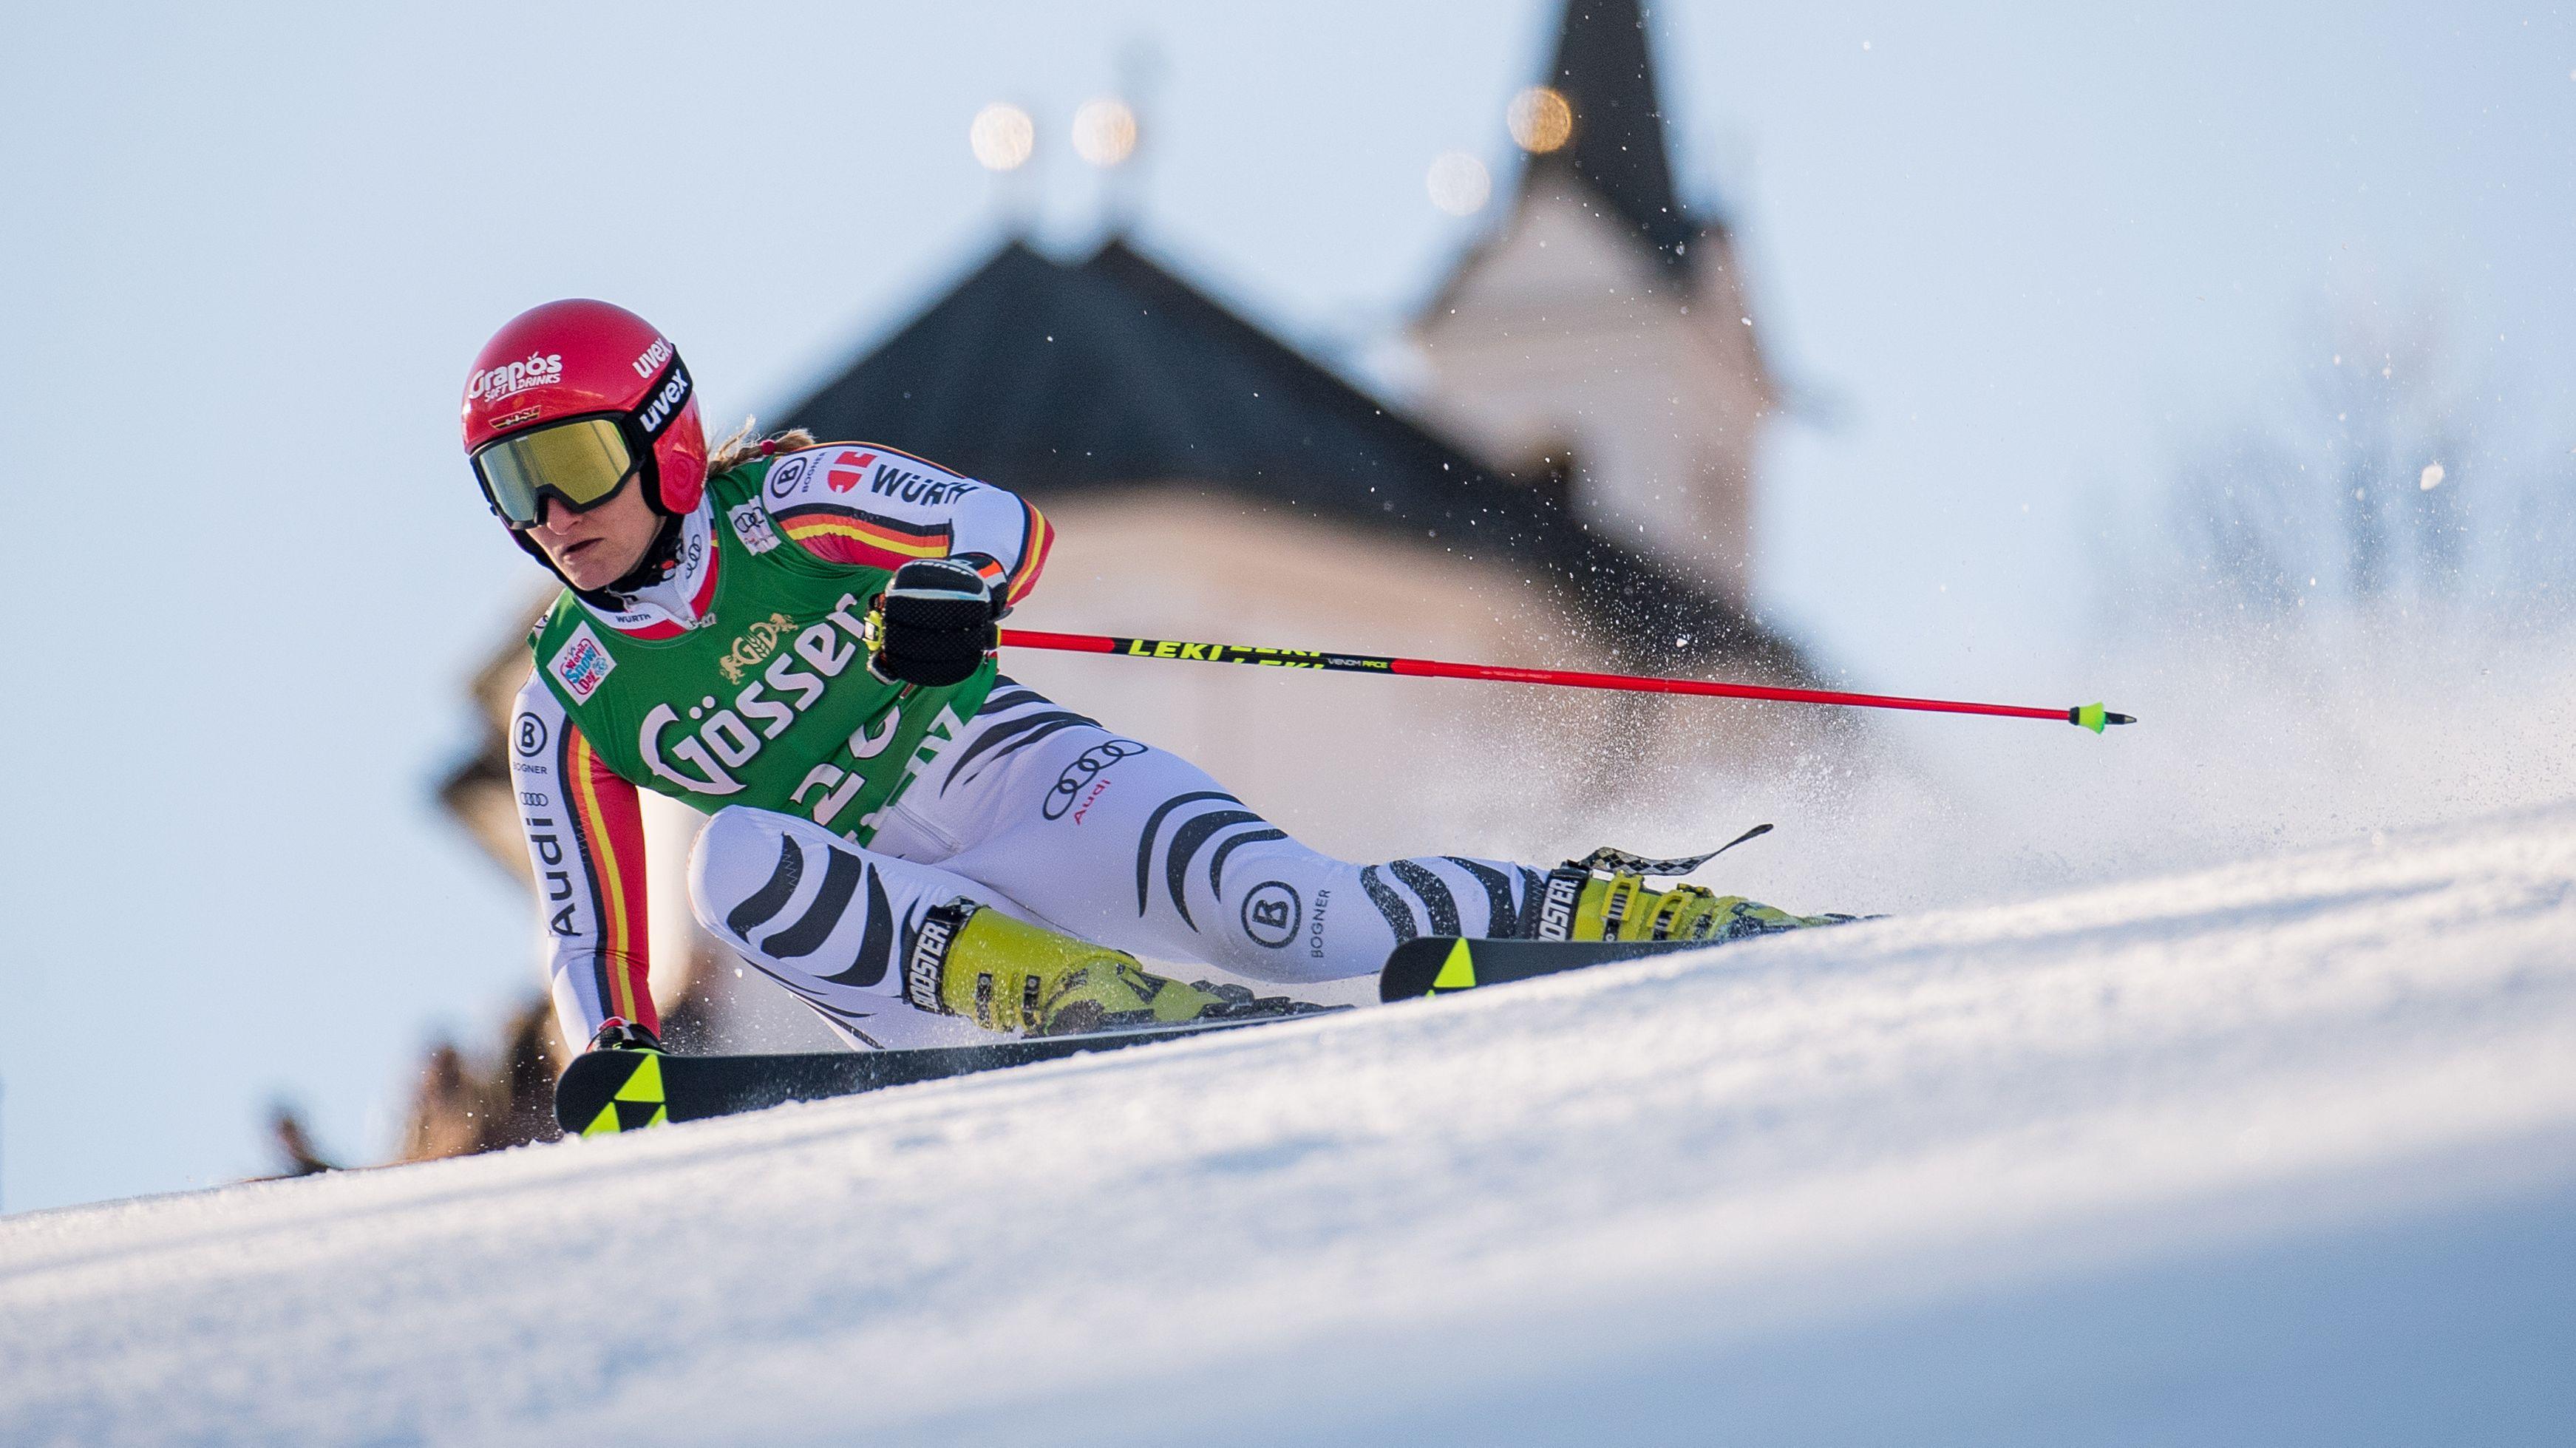 Skirennfahrerin MarleneSchmotz auf der Piste